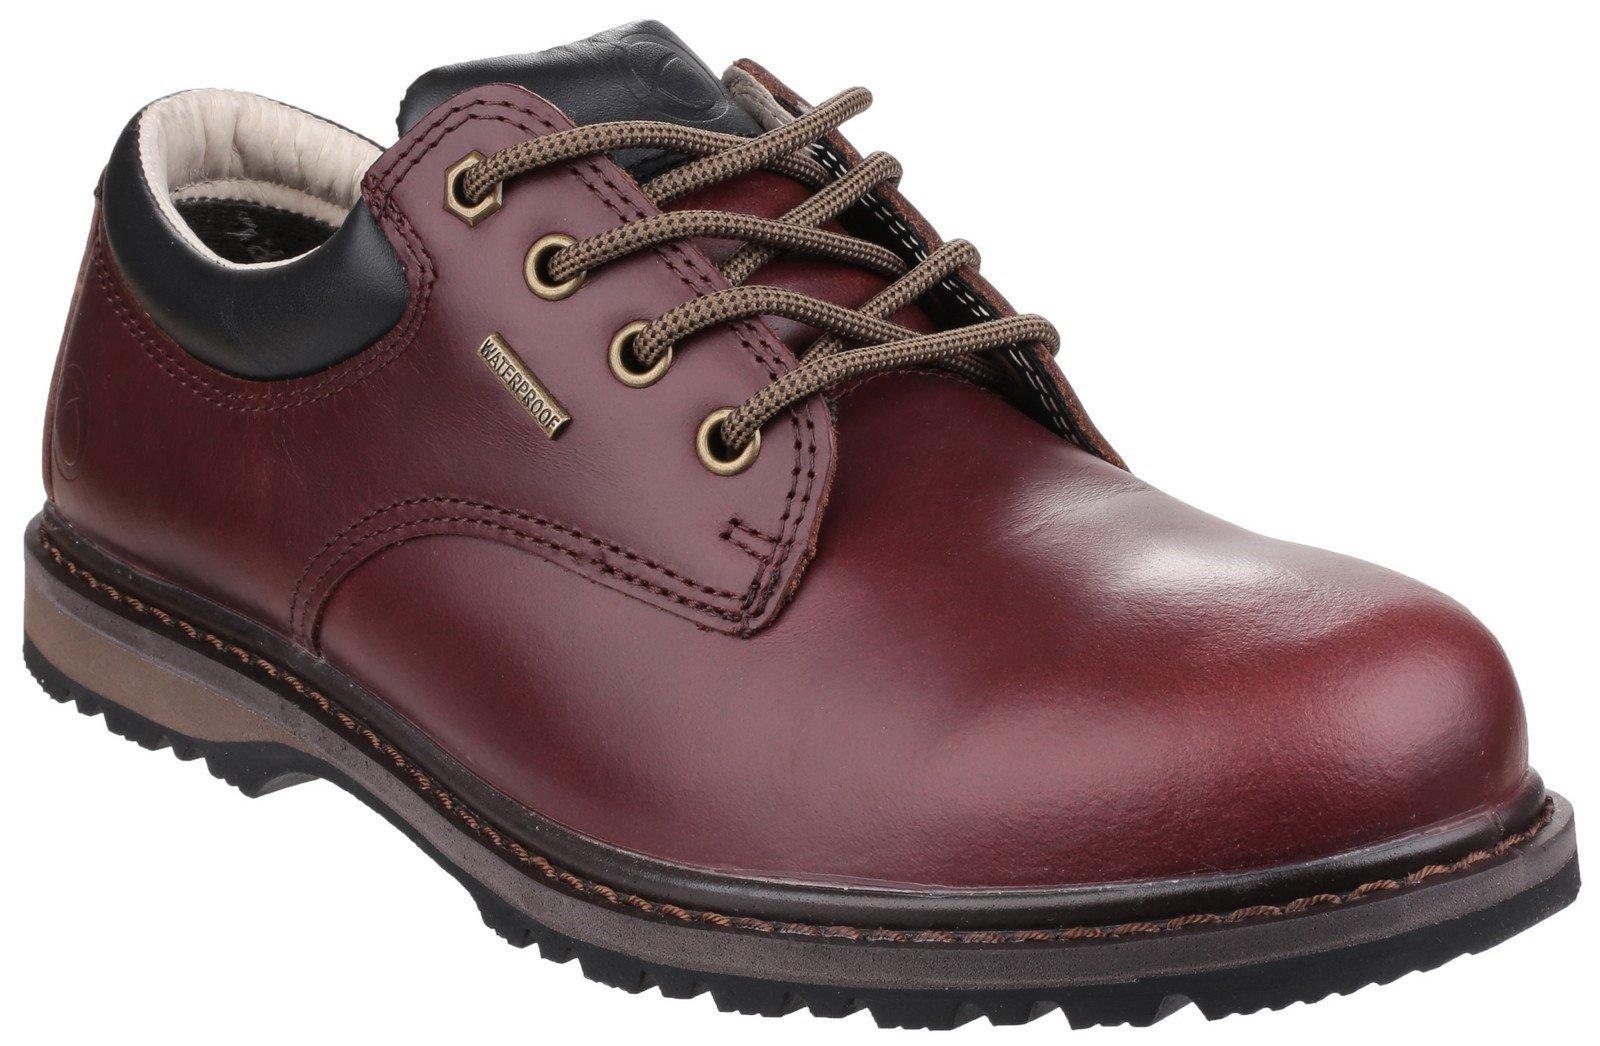 Cotswold Men's Stonesfield Hiking Shoe Various Colours 23597 - Chestnut 7